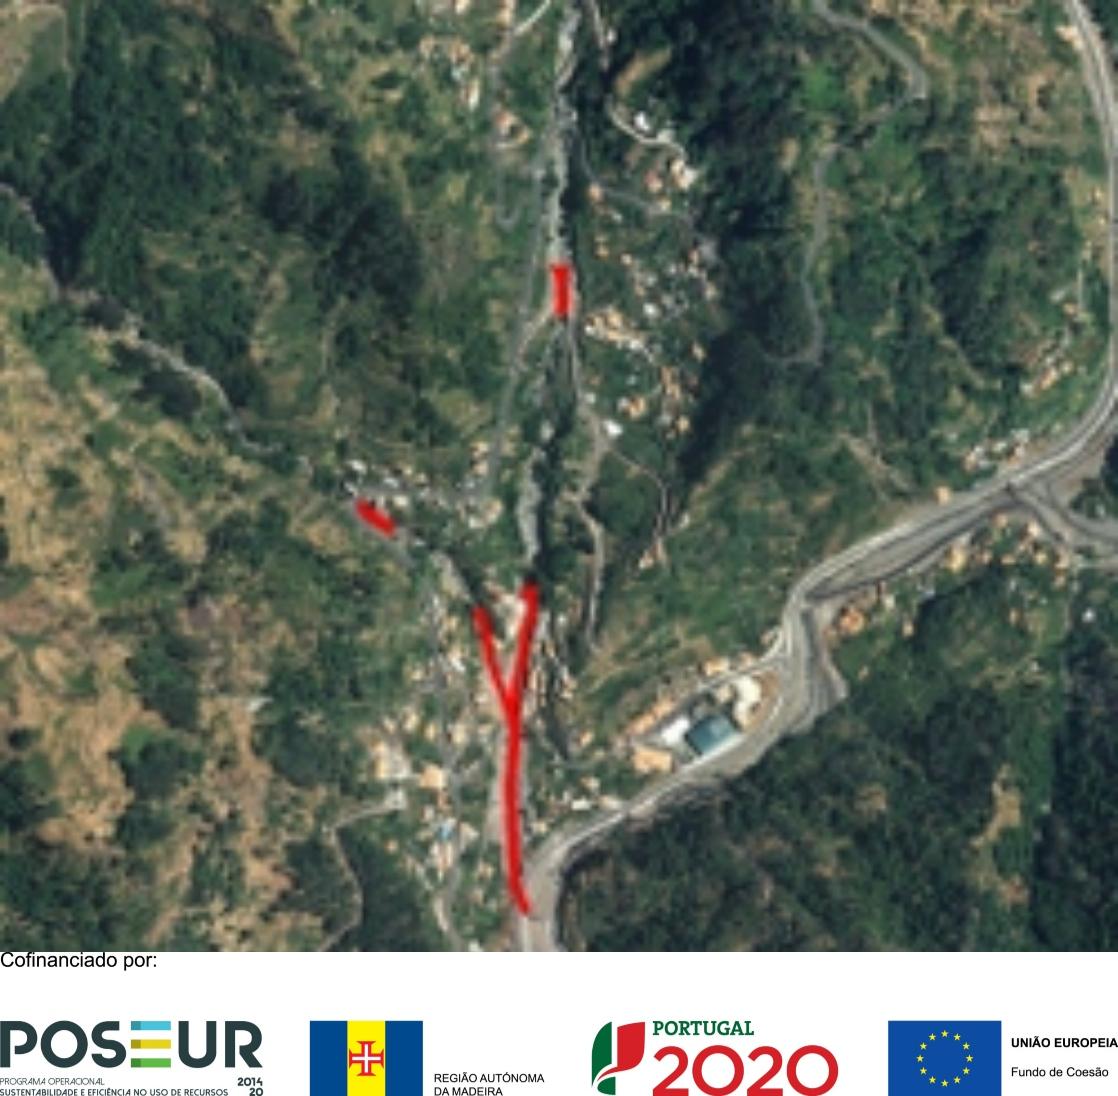 POSEUR-02-1810-FC-000001 - Regularização e Canalização Ribeiras Fajã das Éguas, Pereira e Eirinha - Serra d'Água